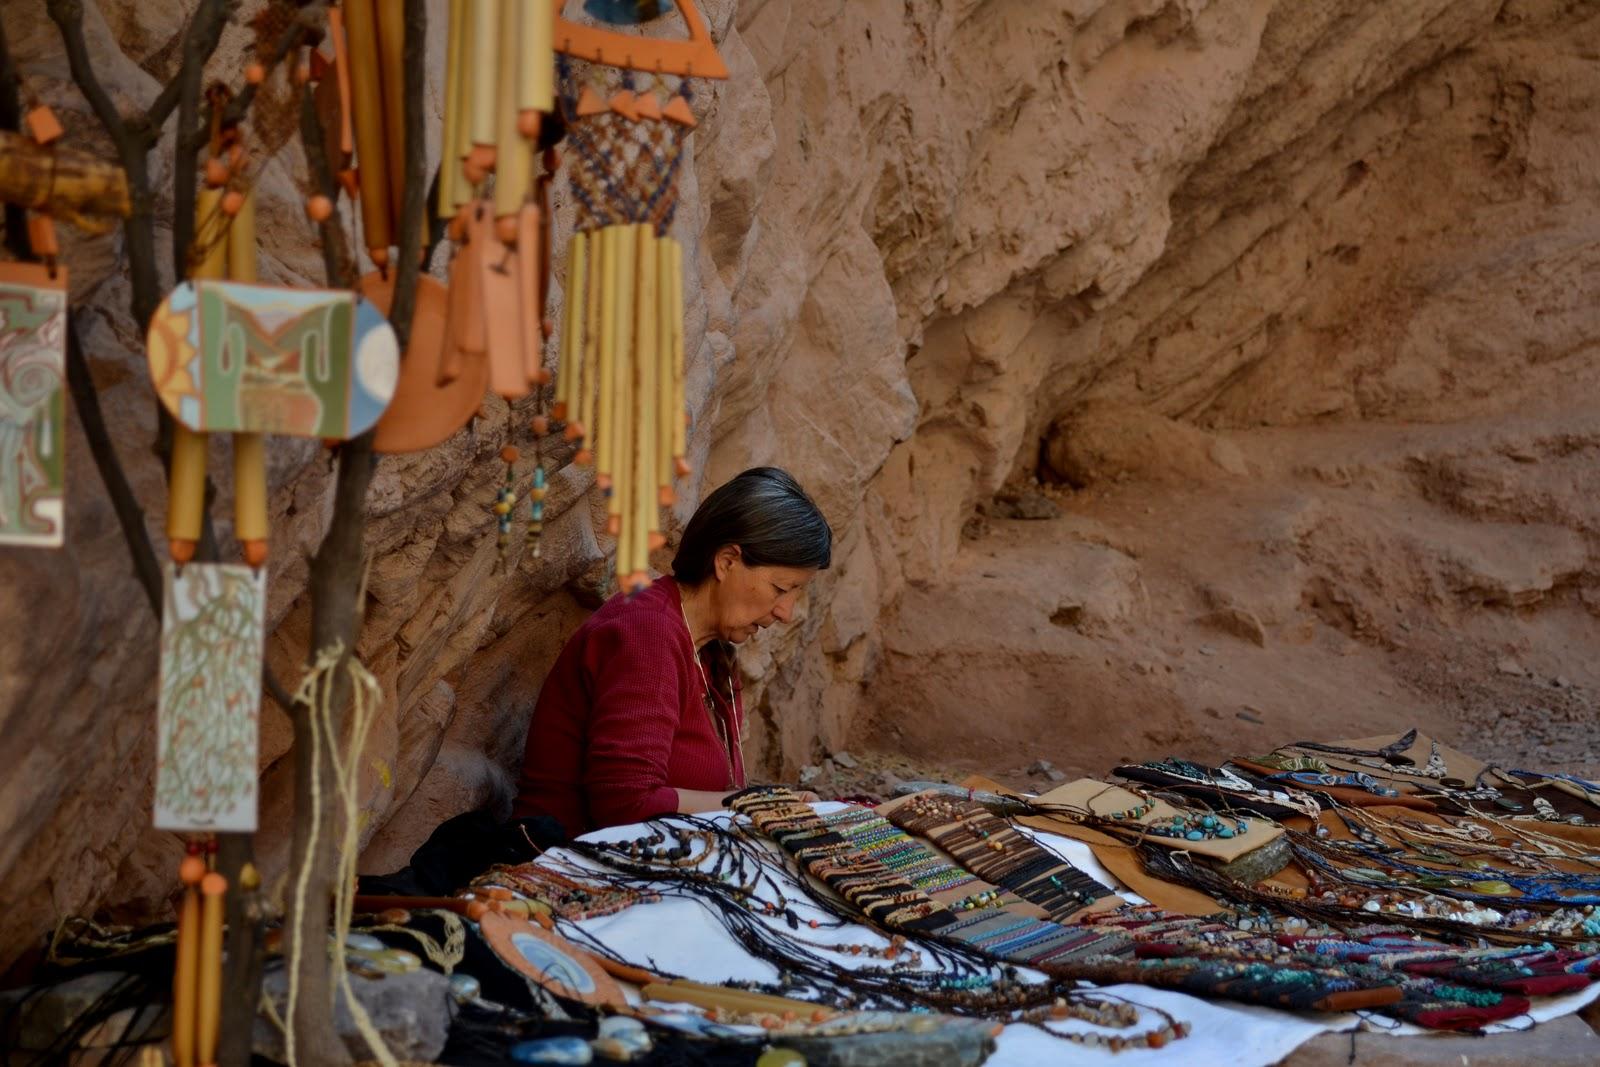 Pueblos originarios de Argentina en Atamacas: